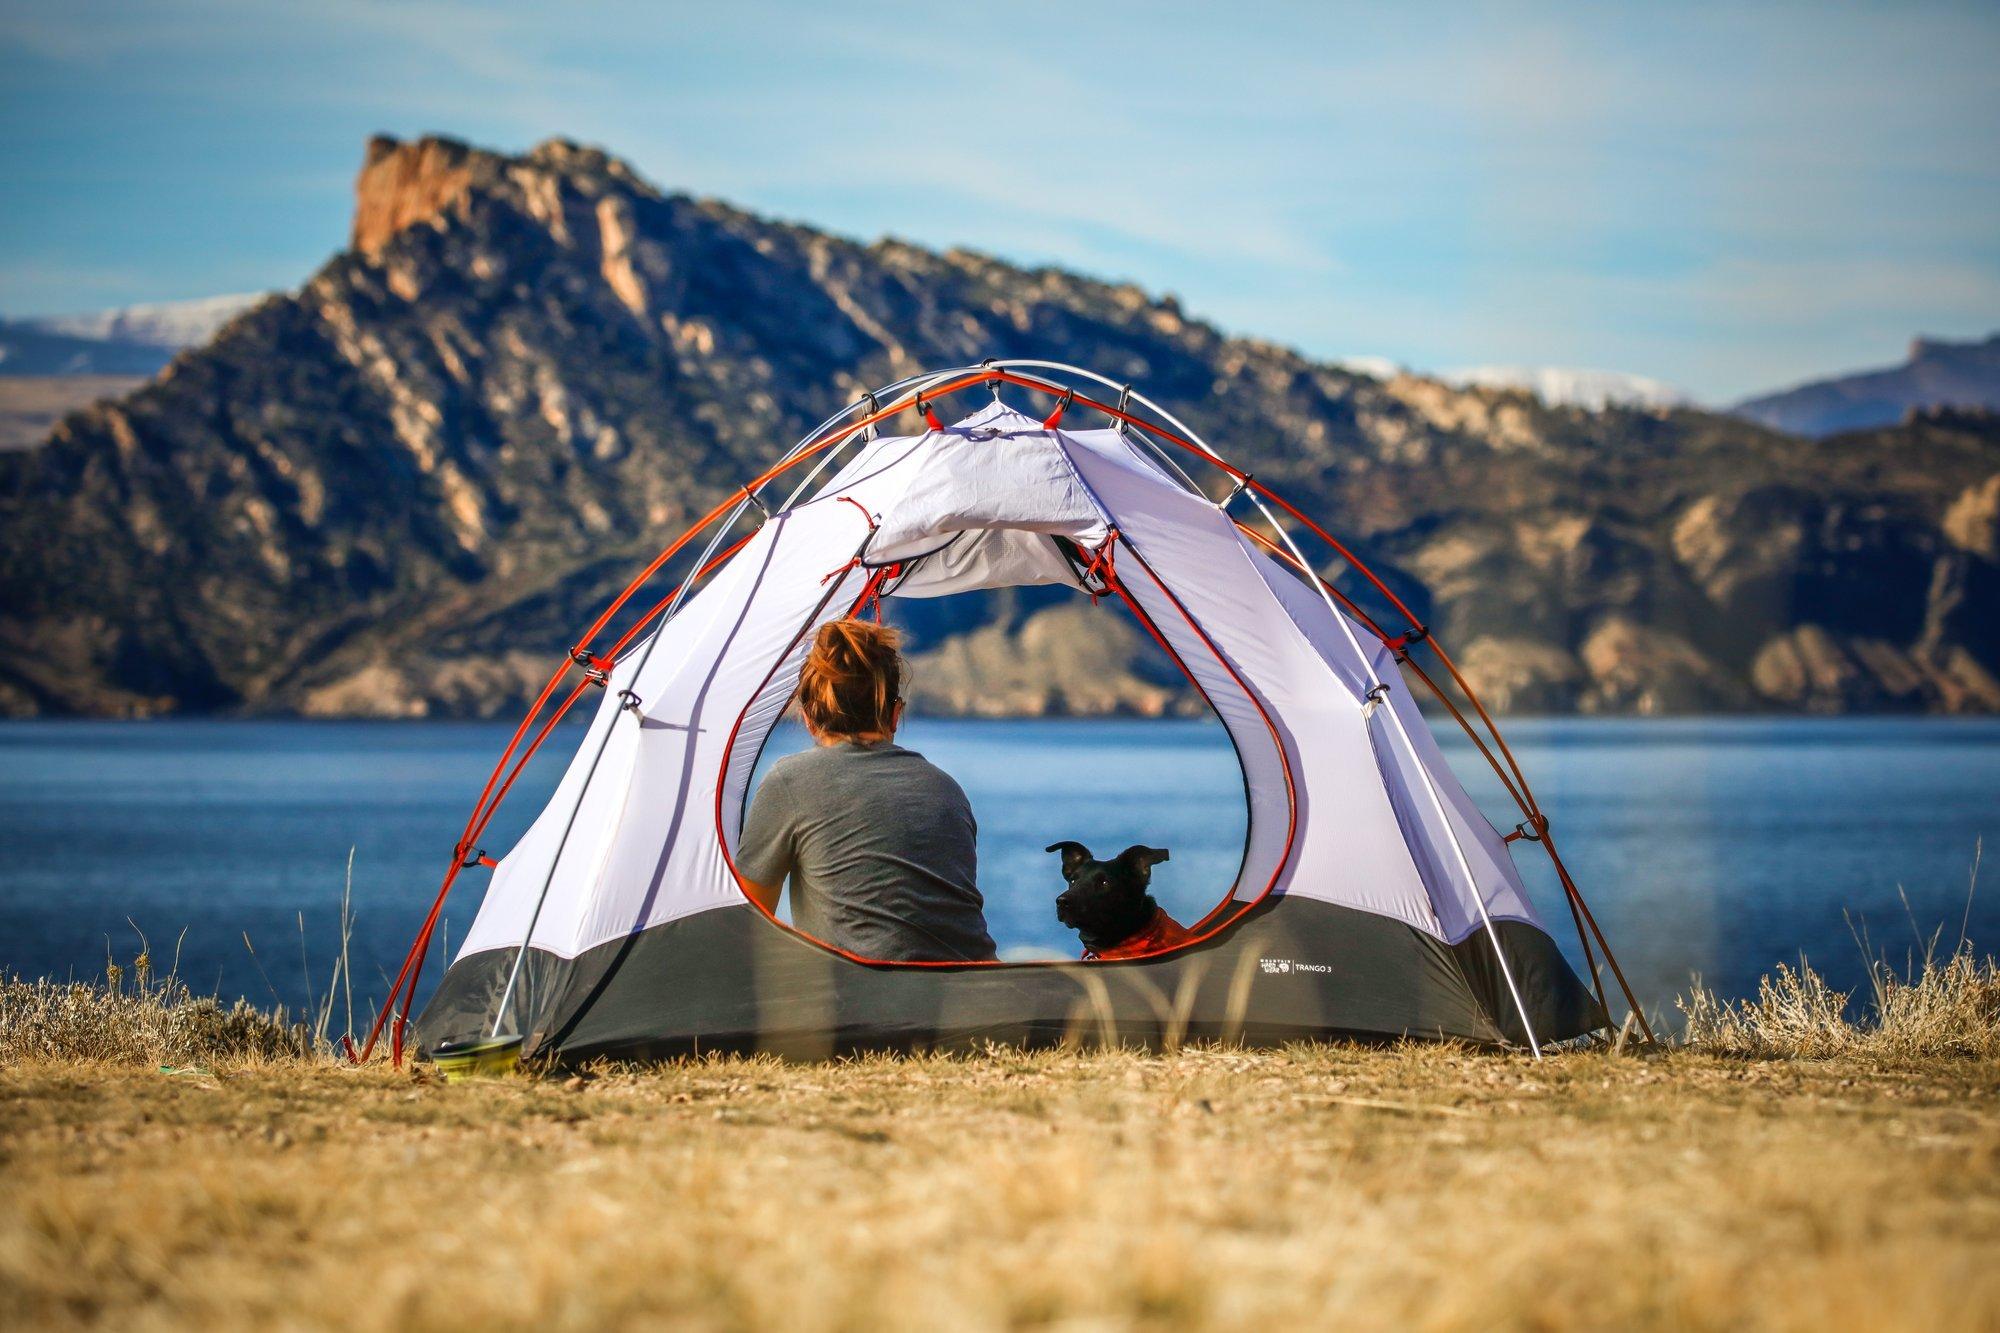 47 Camping Hacks That Are Borderline Genius